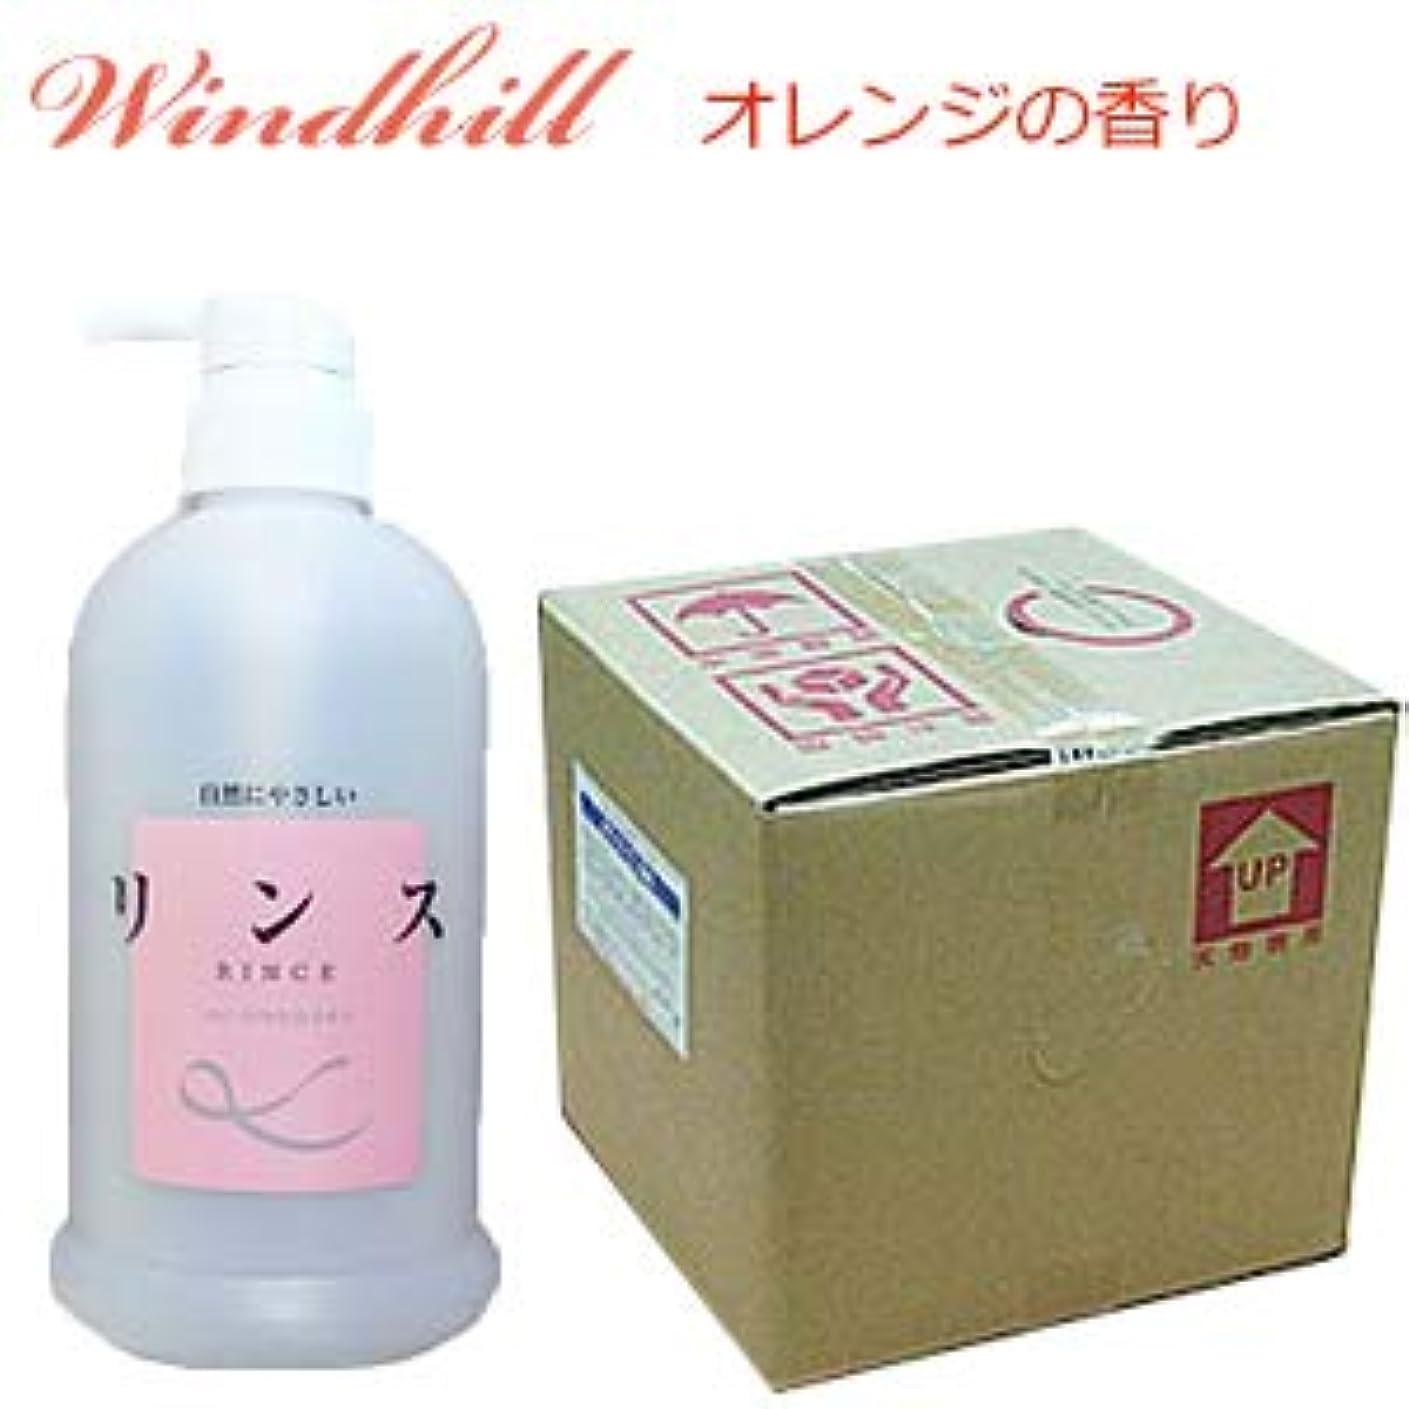 軽冒険者七面鳥Windhill 植物性 業務用リンスオレンジの香り 20L(1セット20L入)